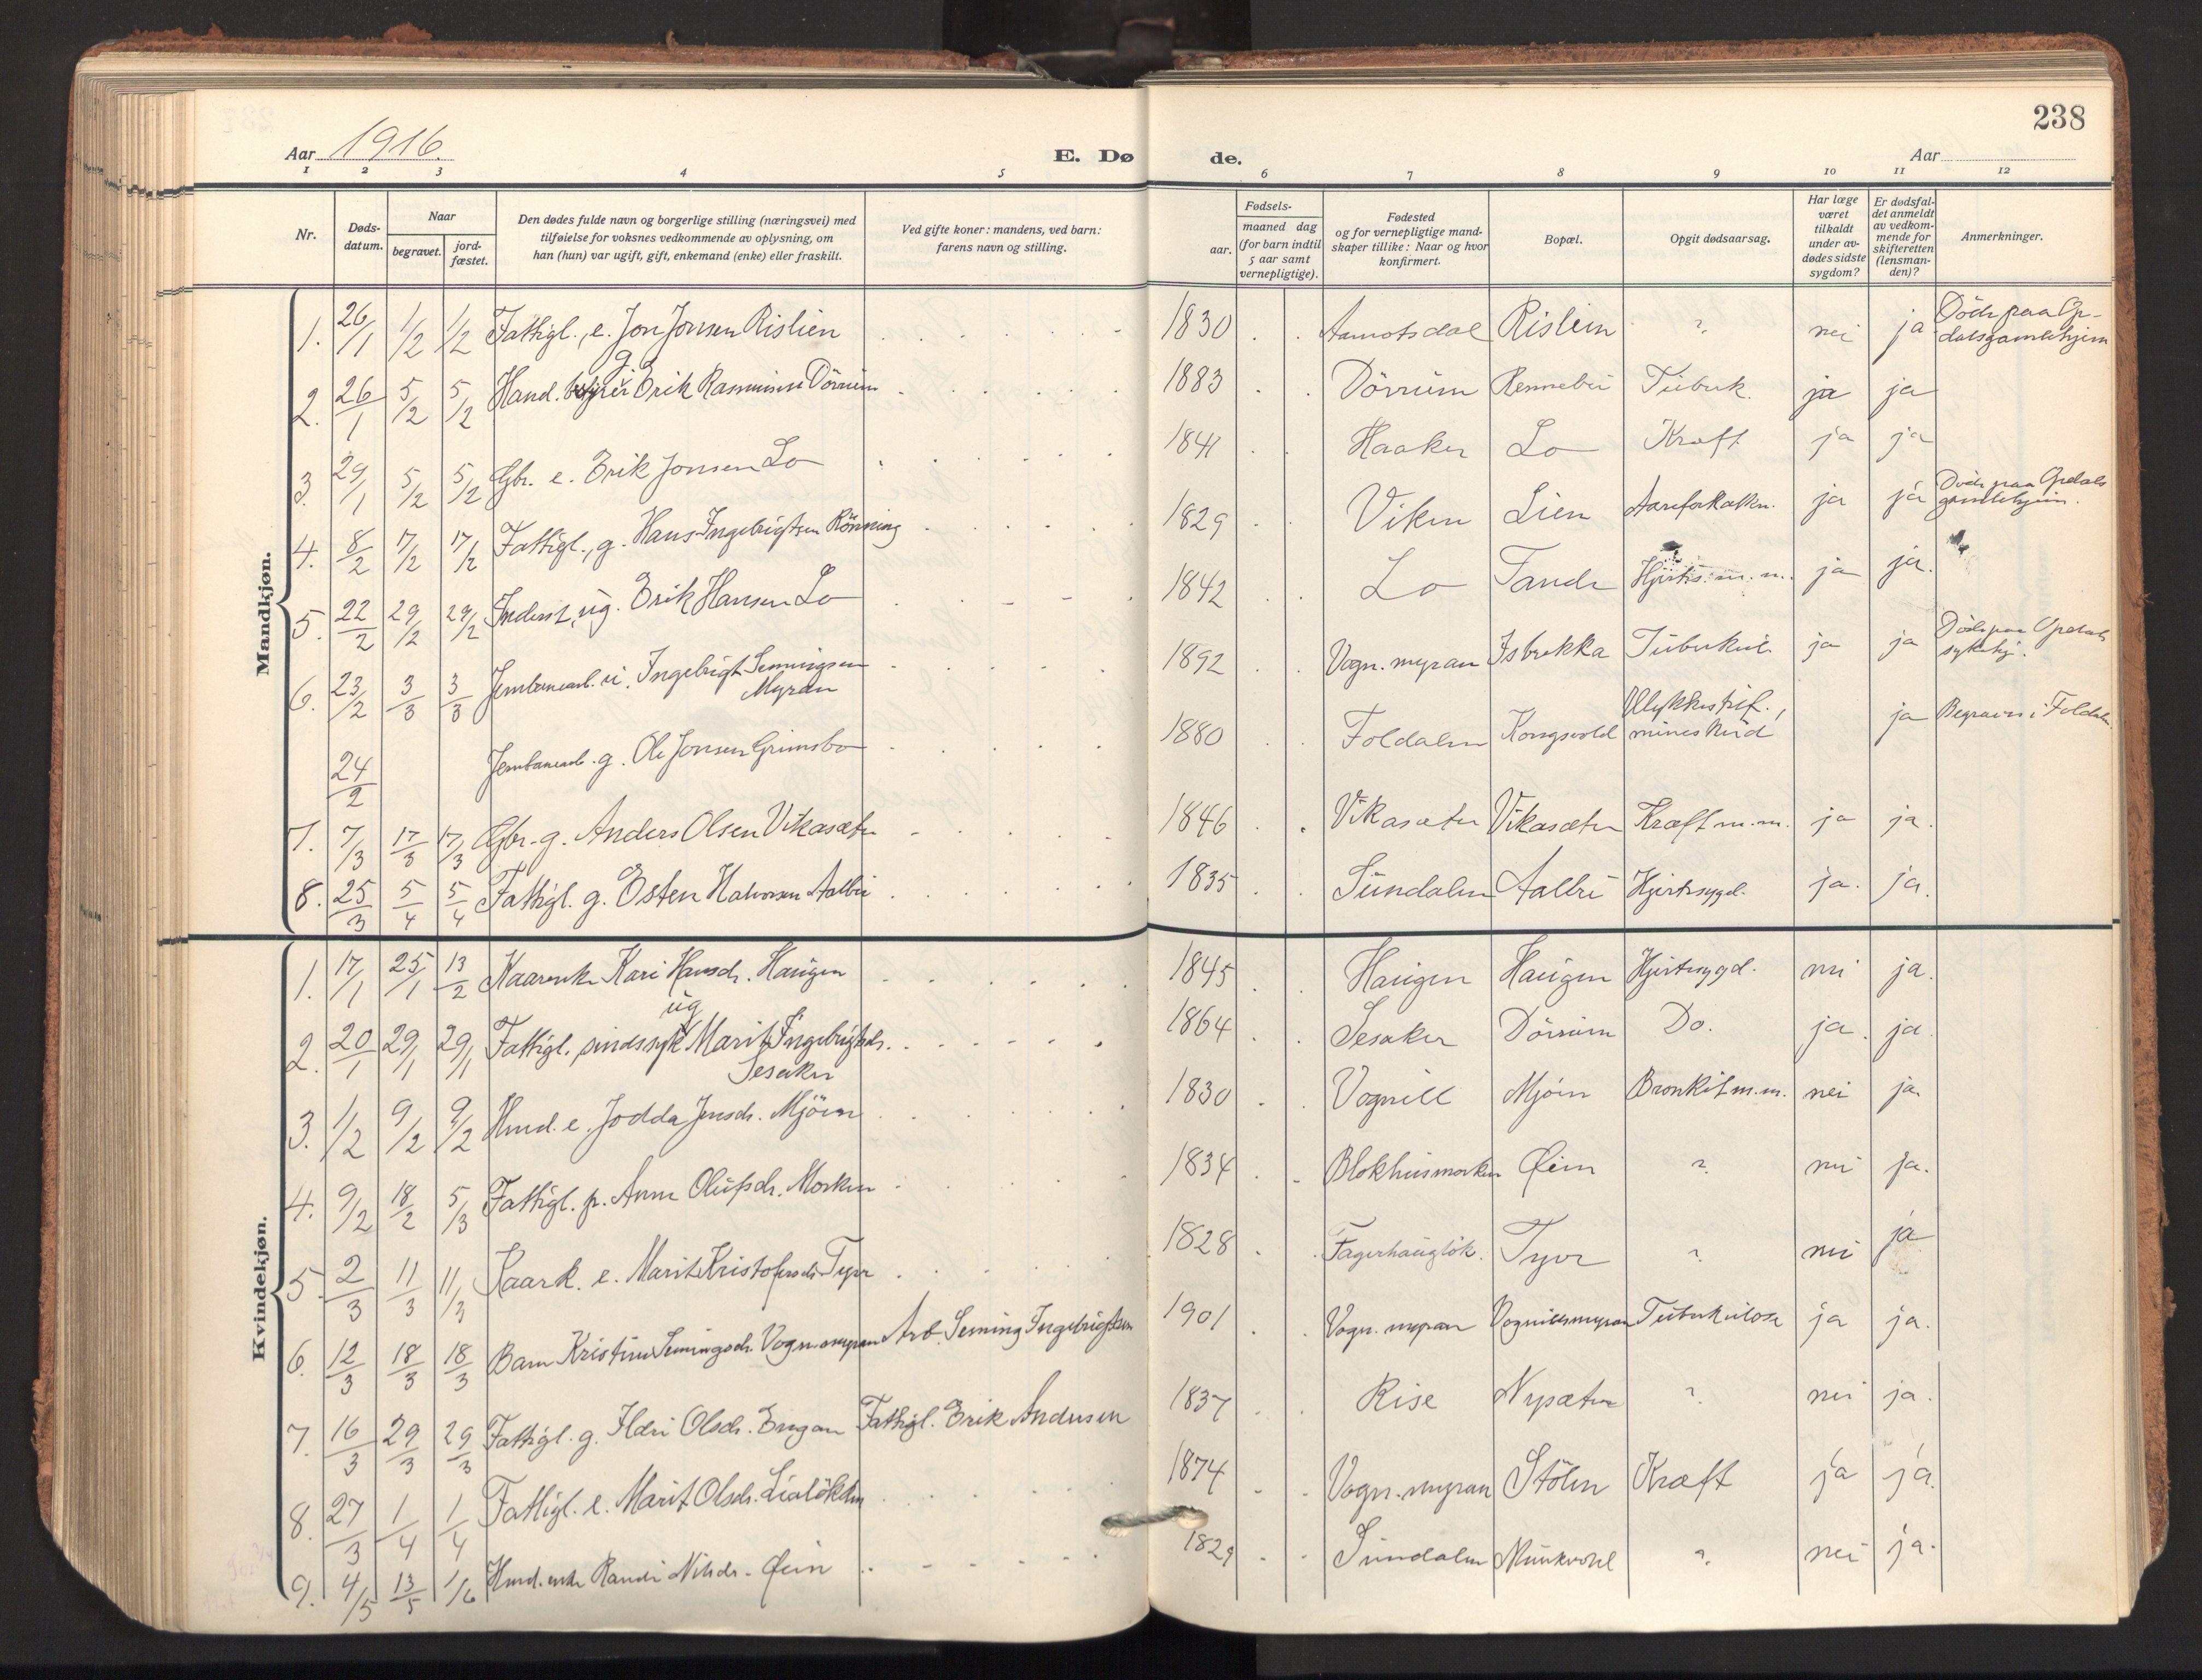 SAT, Ministerialprotokoller, klokkerbøker og fødselsregistre - Sør-Trøndelag, 678/L0909: Ministerialbok nr. 678A17, 1912-1930, s. 238